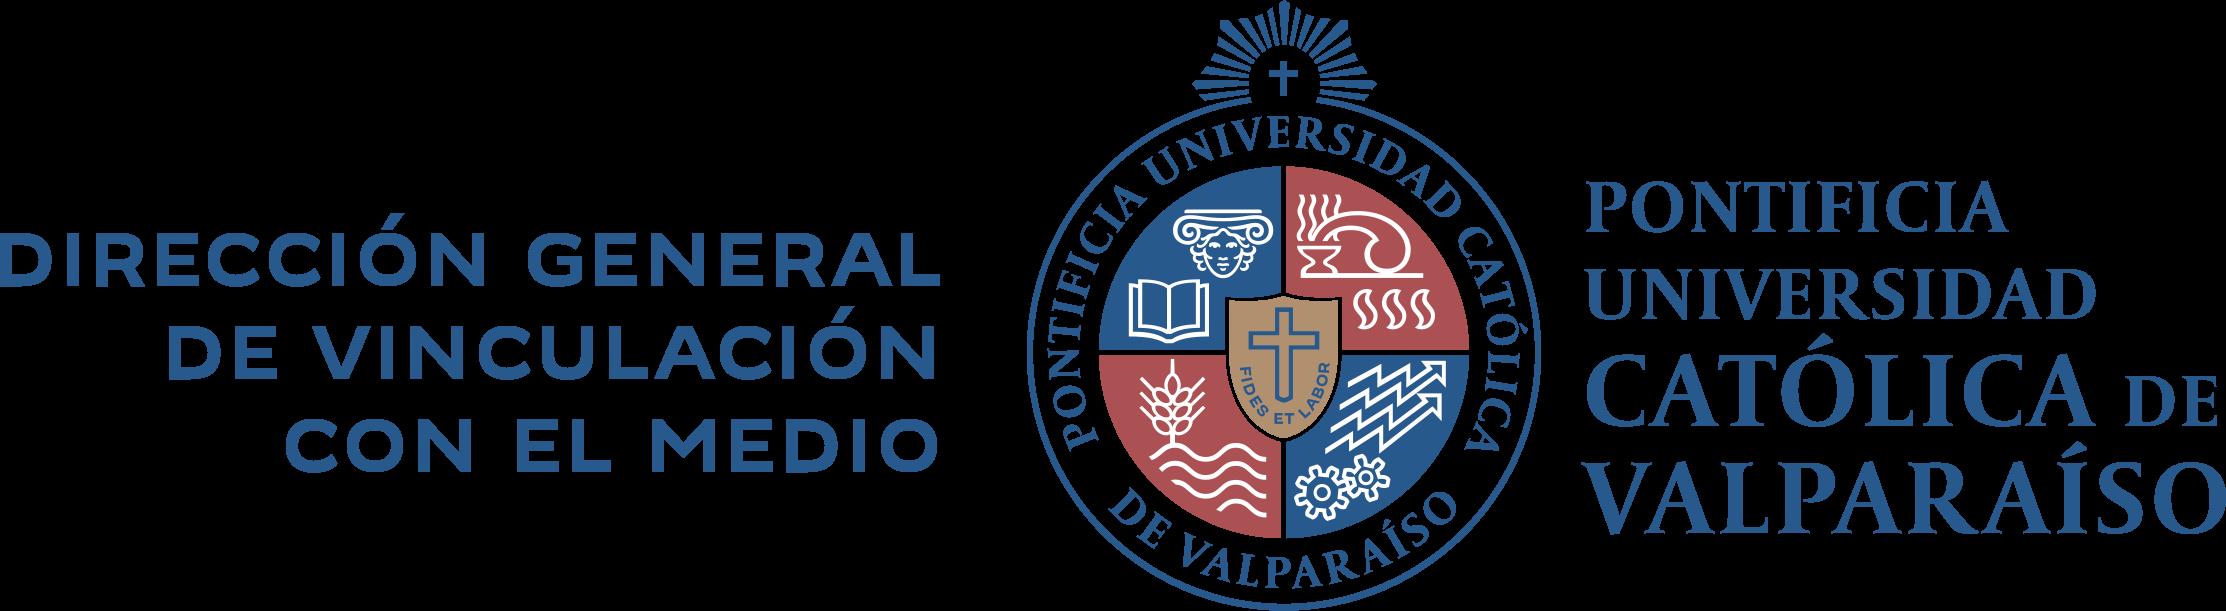 Catálogo virtual de asistencia técnica